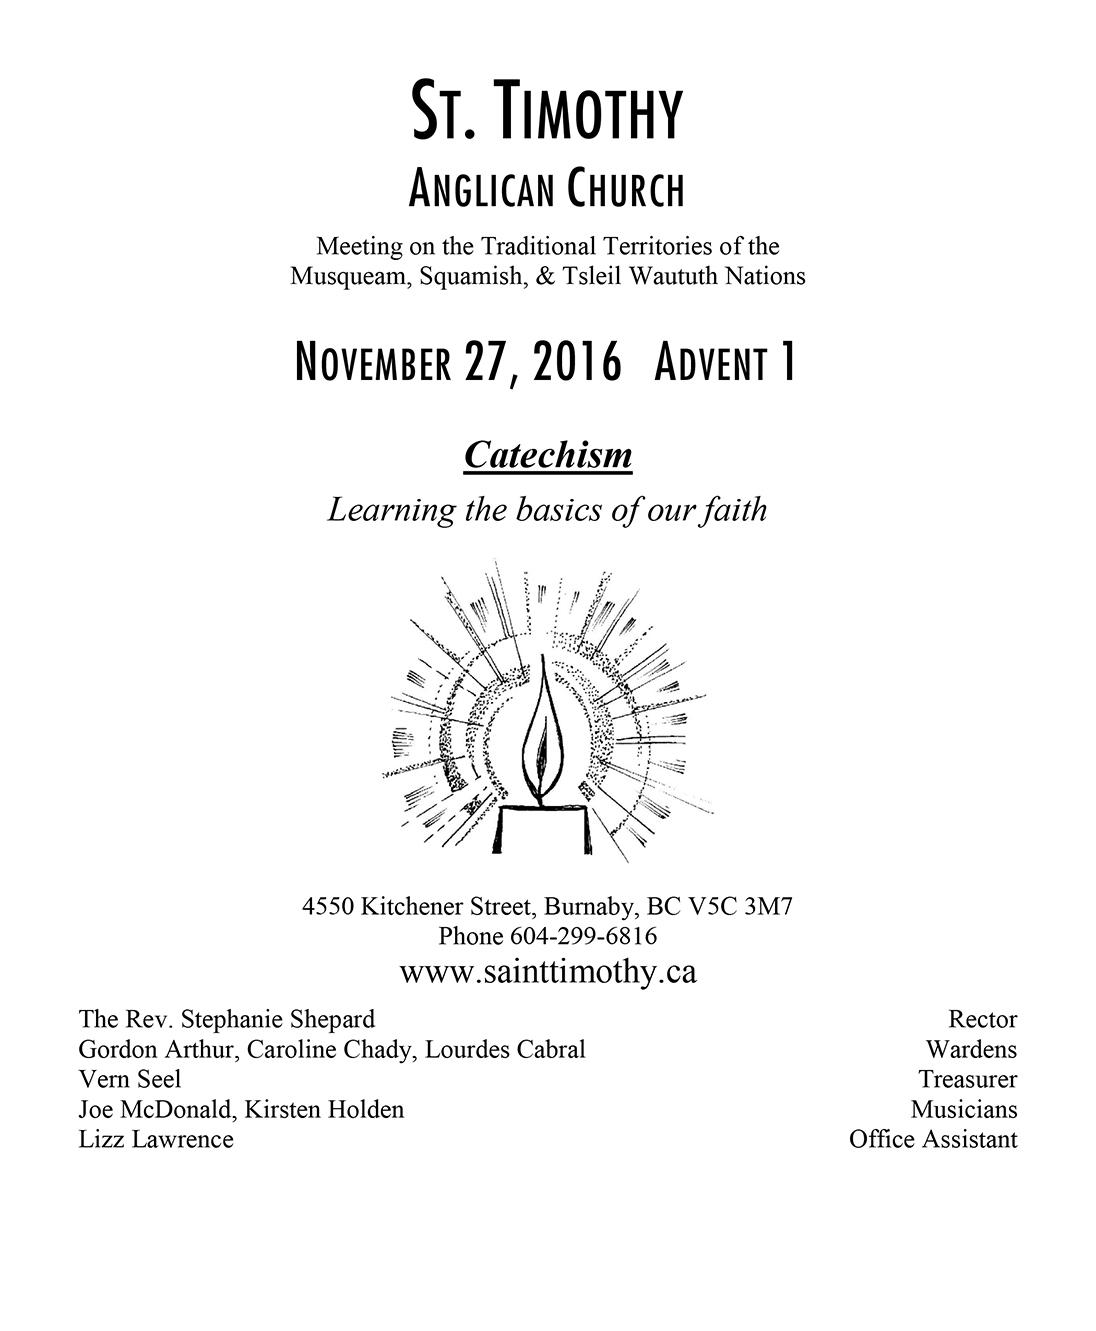 Bulletin: November 27, 2016